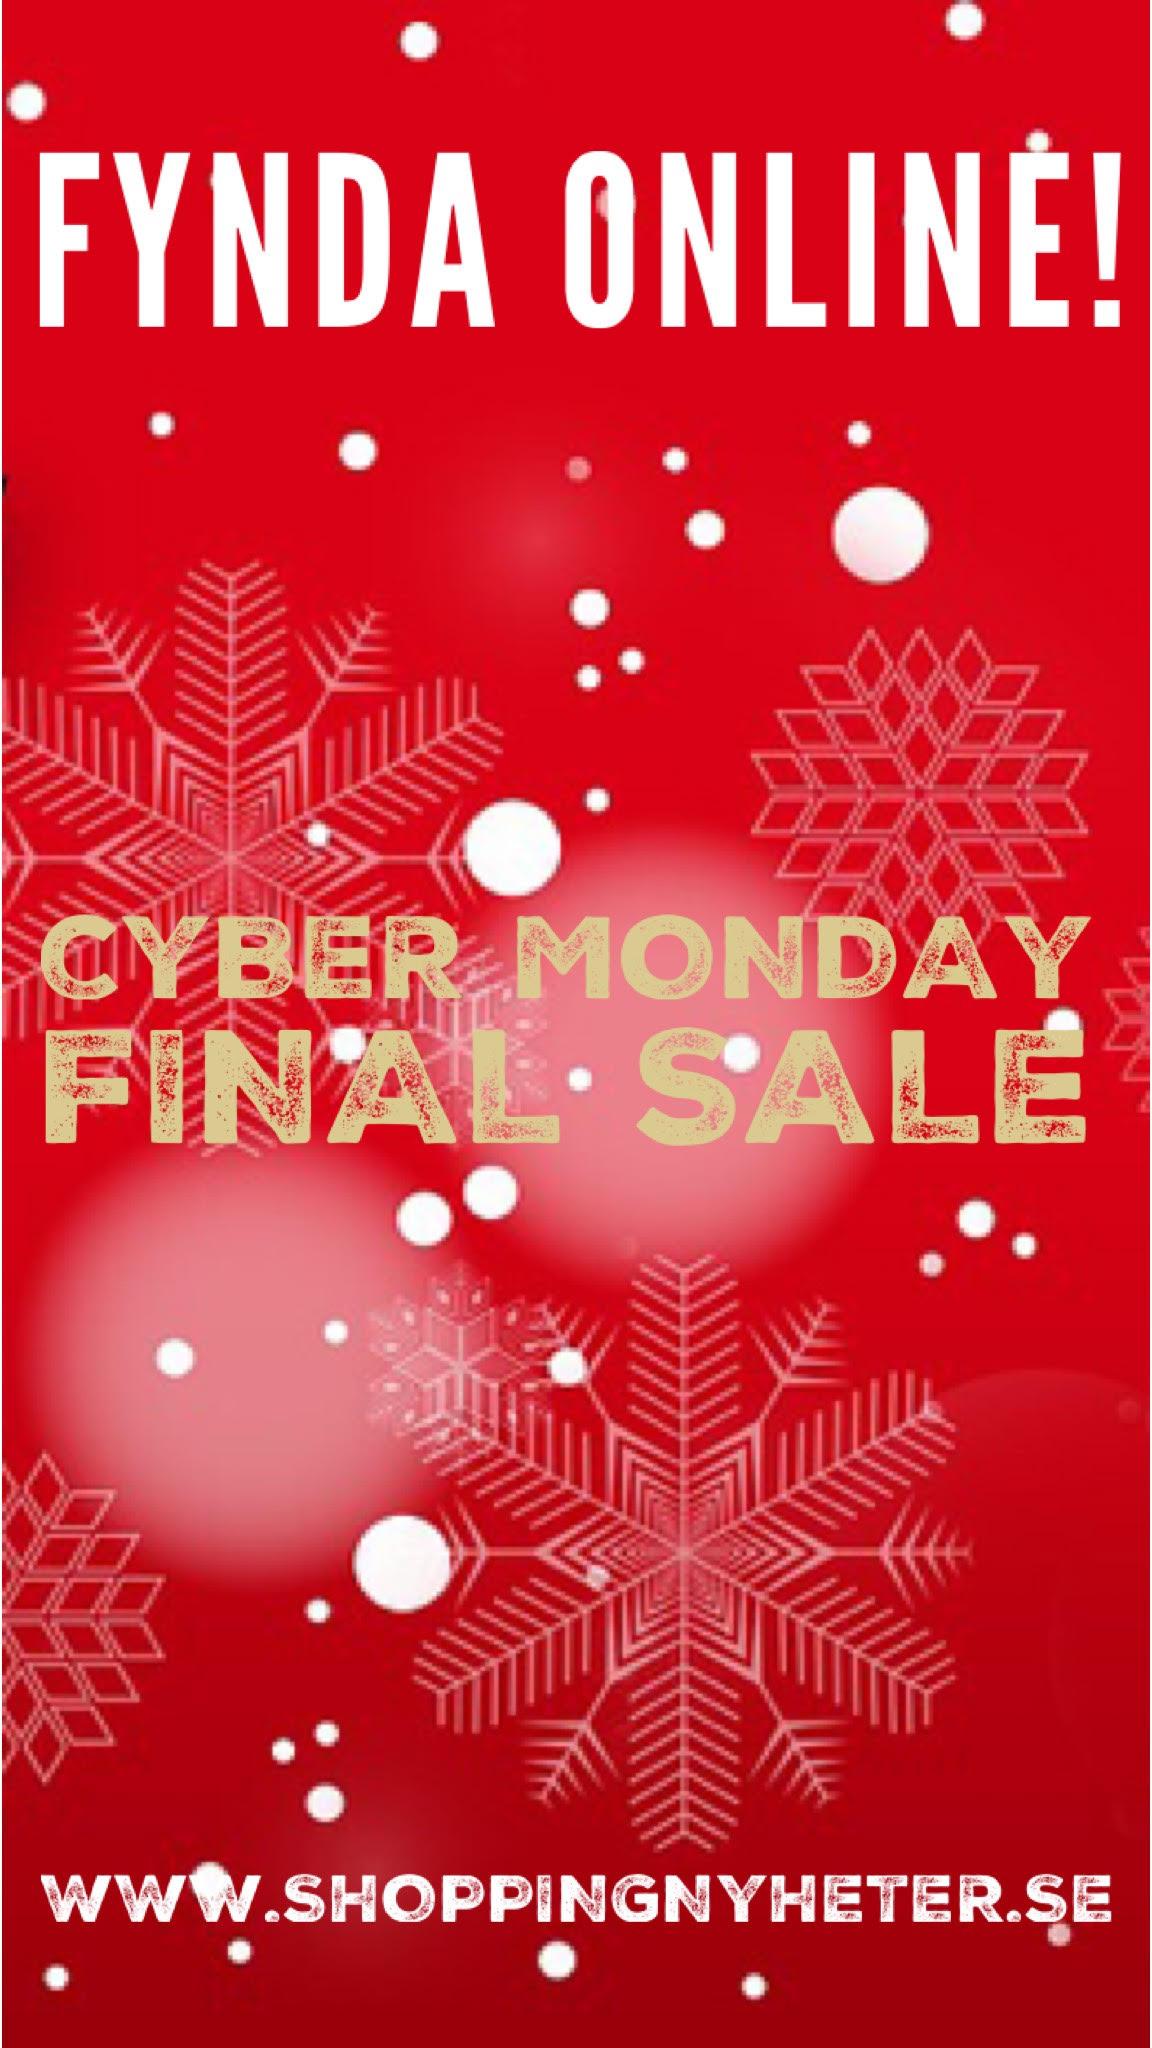 Din Ultimata Shoppingguide med komplett lista till alla butiker online och  Shopping på Black Friday! 0dda2ef5c51a5